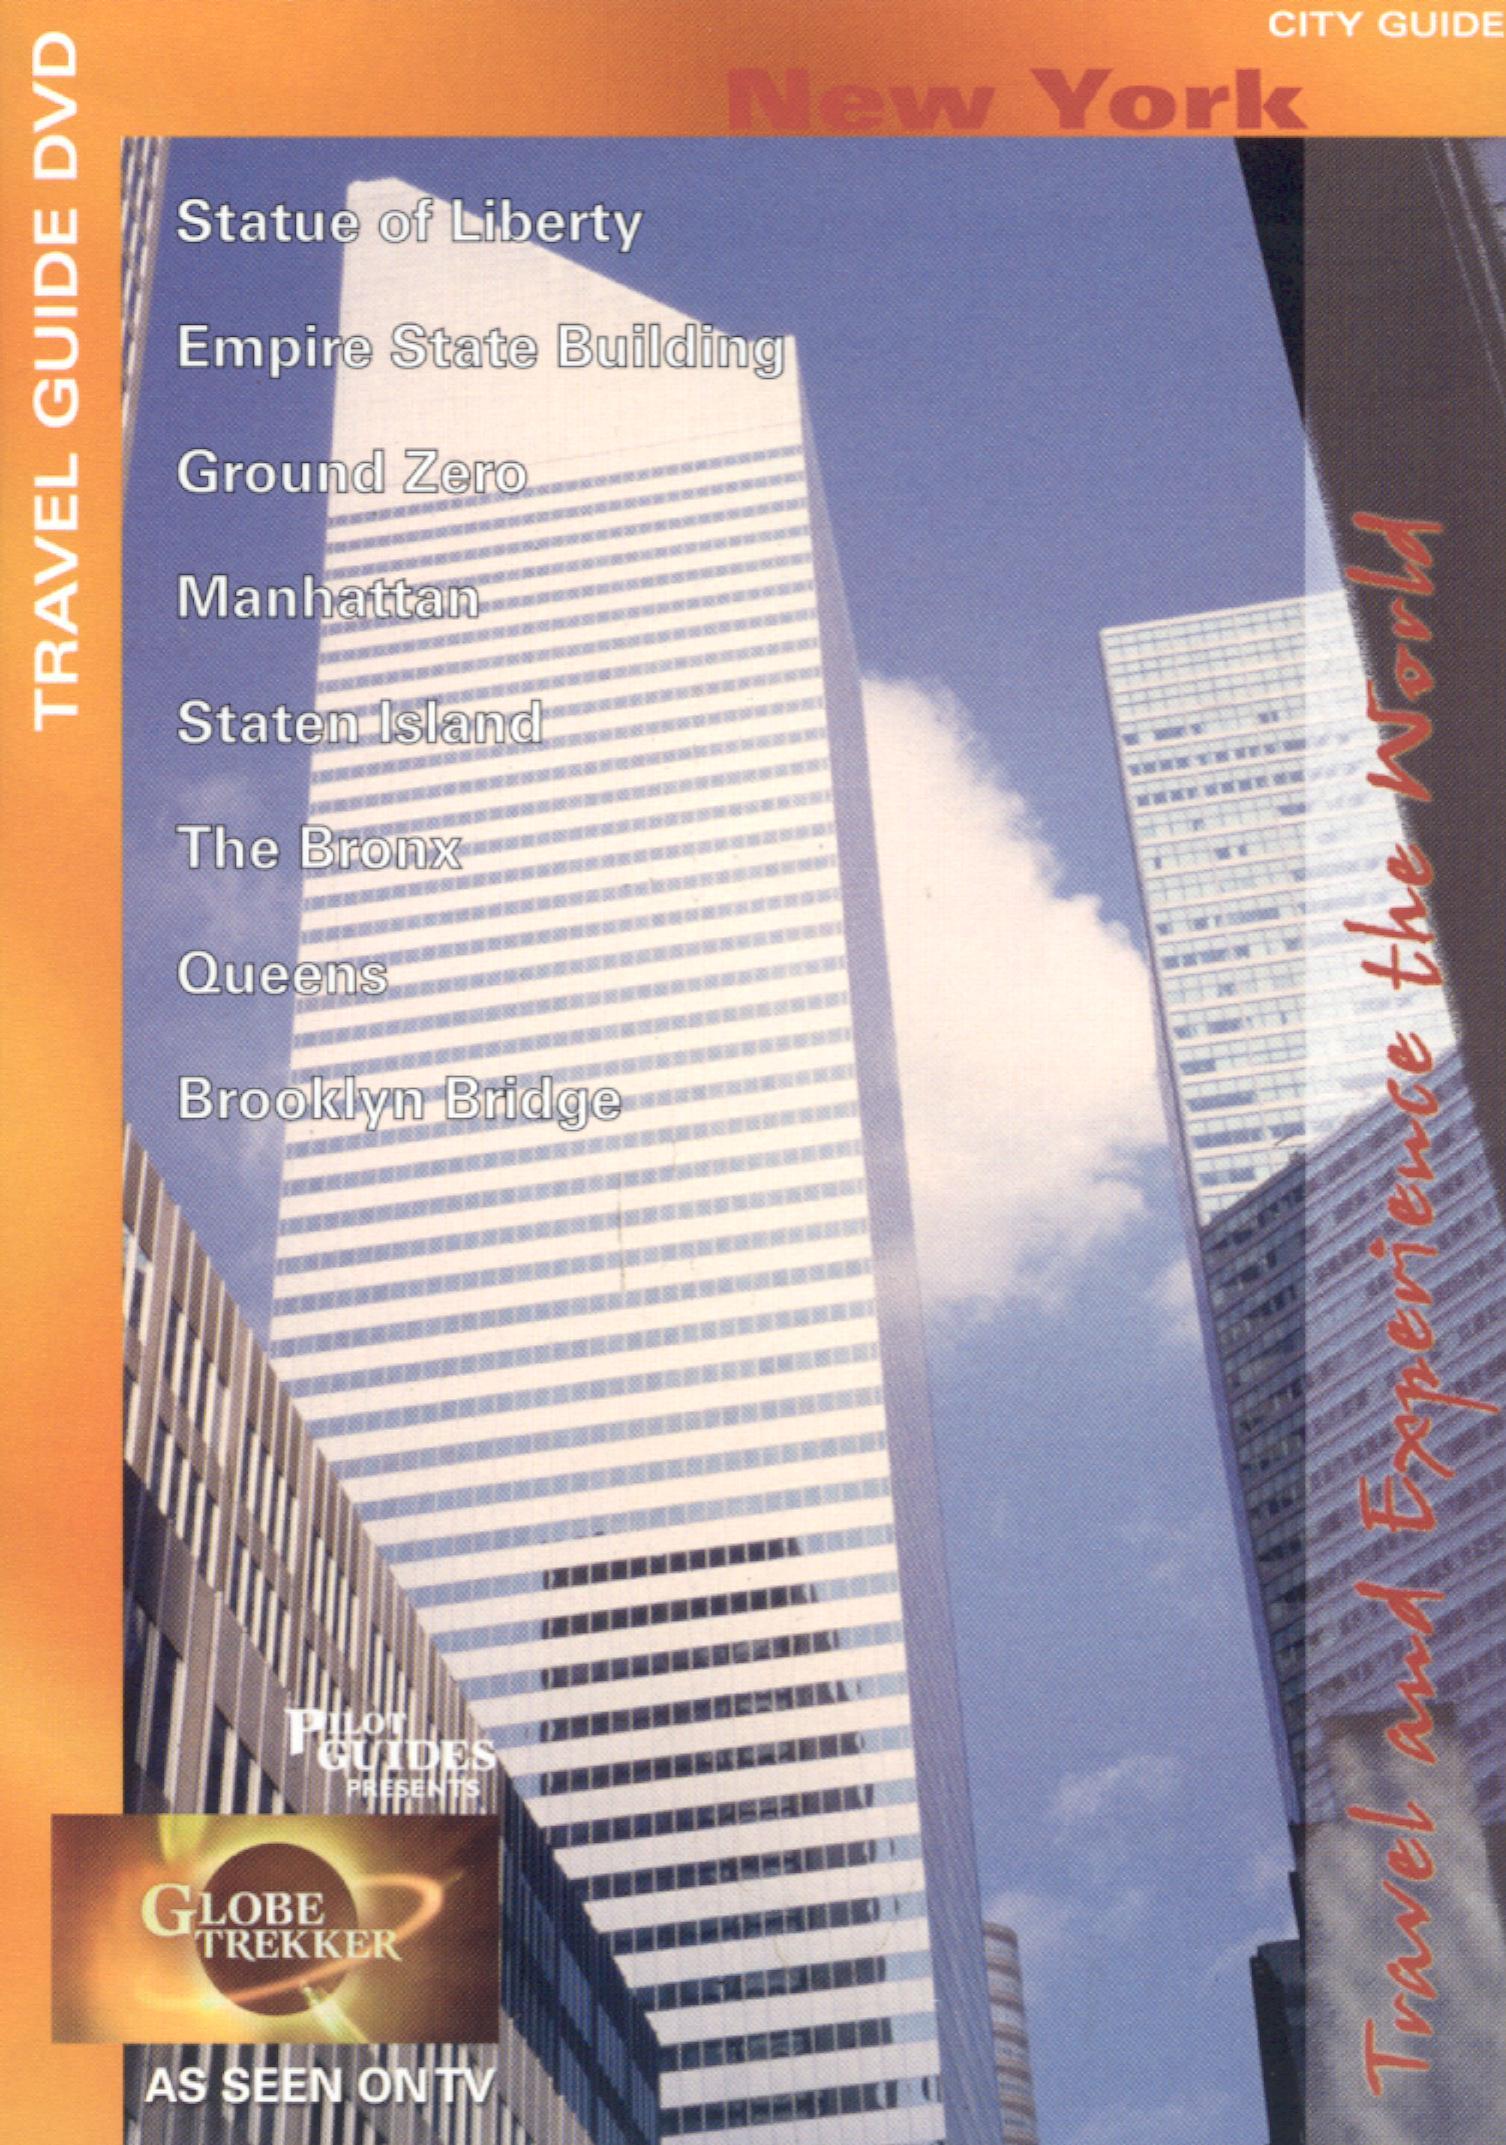 Globe Trekker: New York City Guide